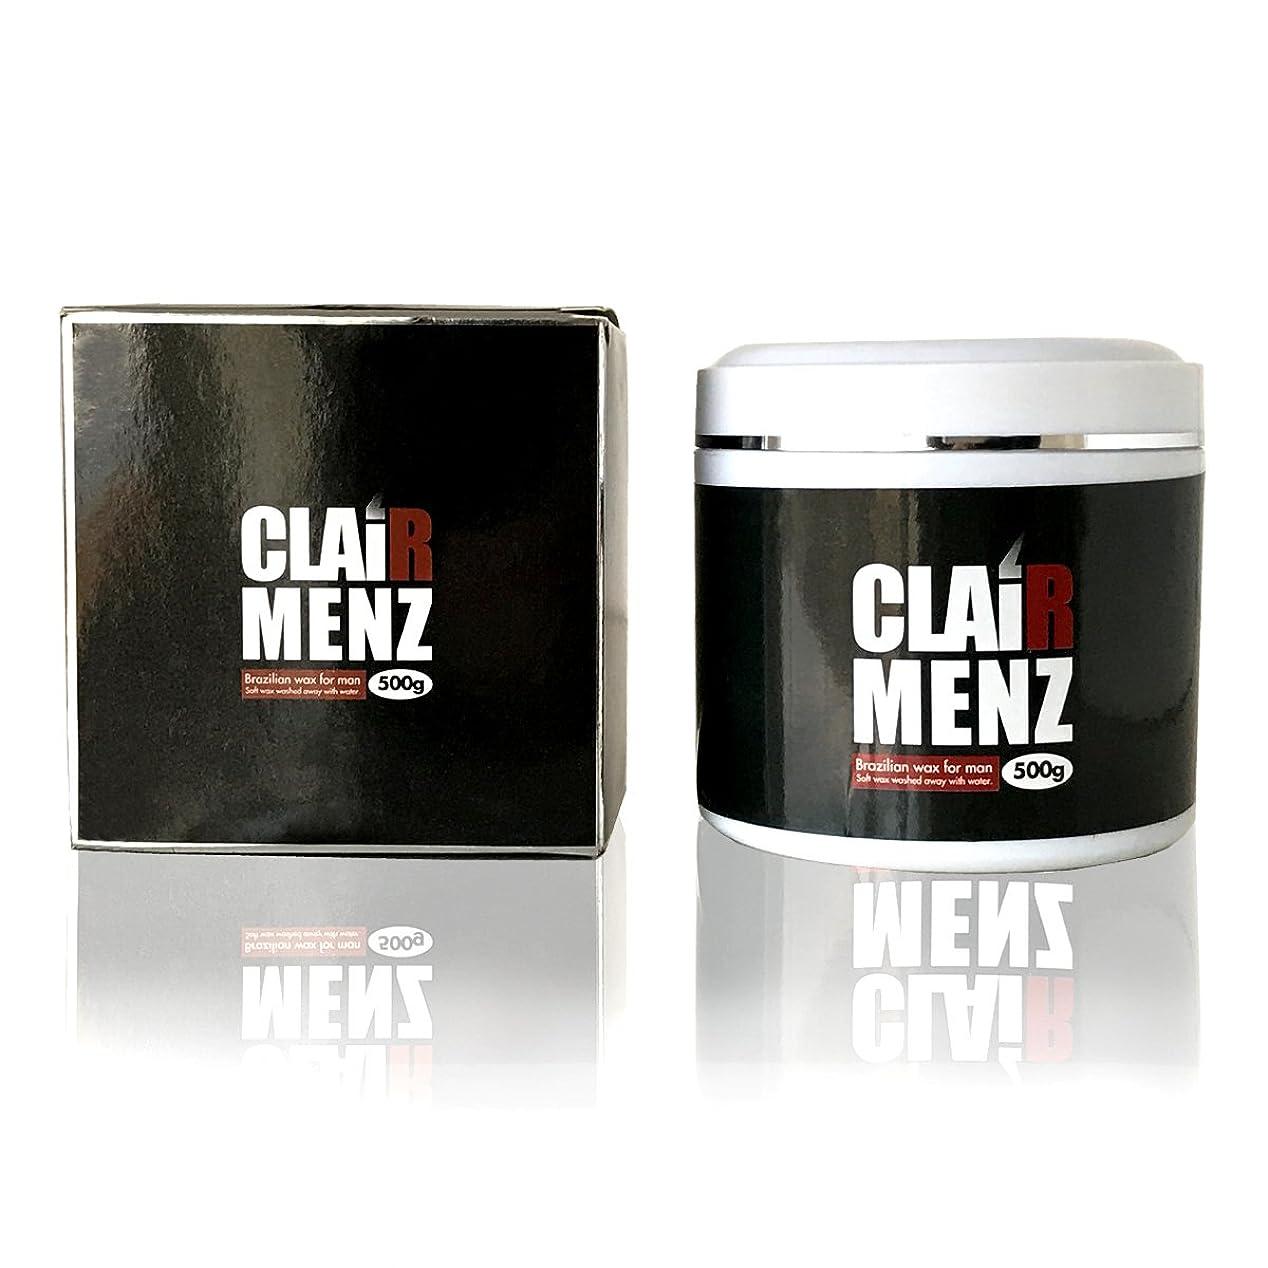 テロ著作権インフレーションブラジリアンワックス メンズ専用 clair Menz wax 500g(単品) メンズ脱毛専用ラベル 無添加ワックス 脱毛ワックス